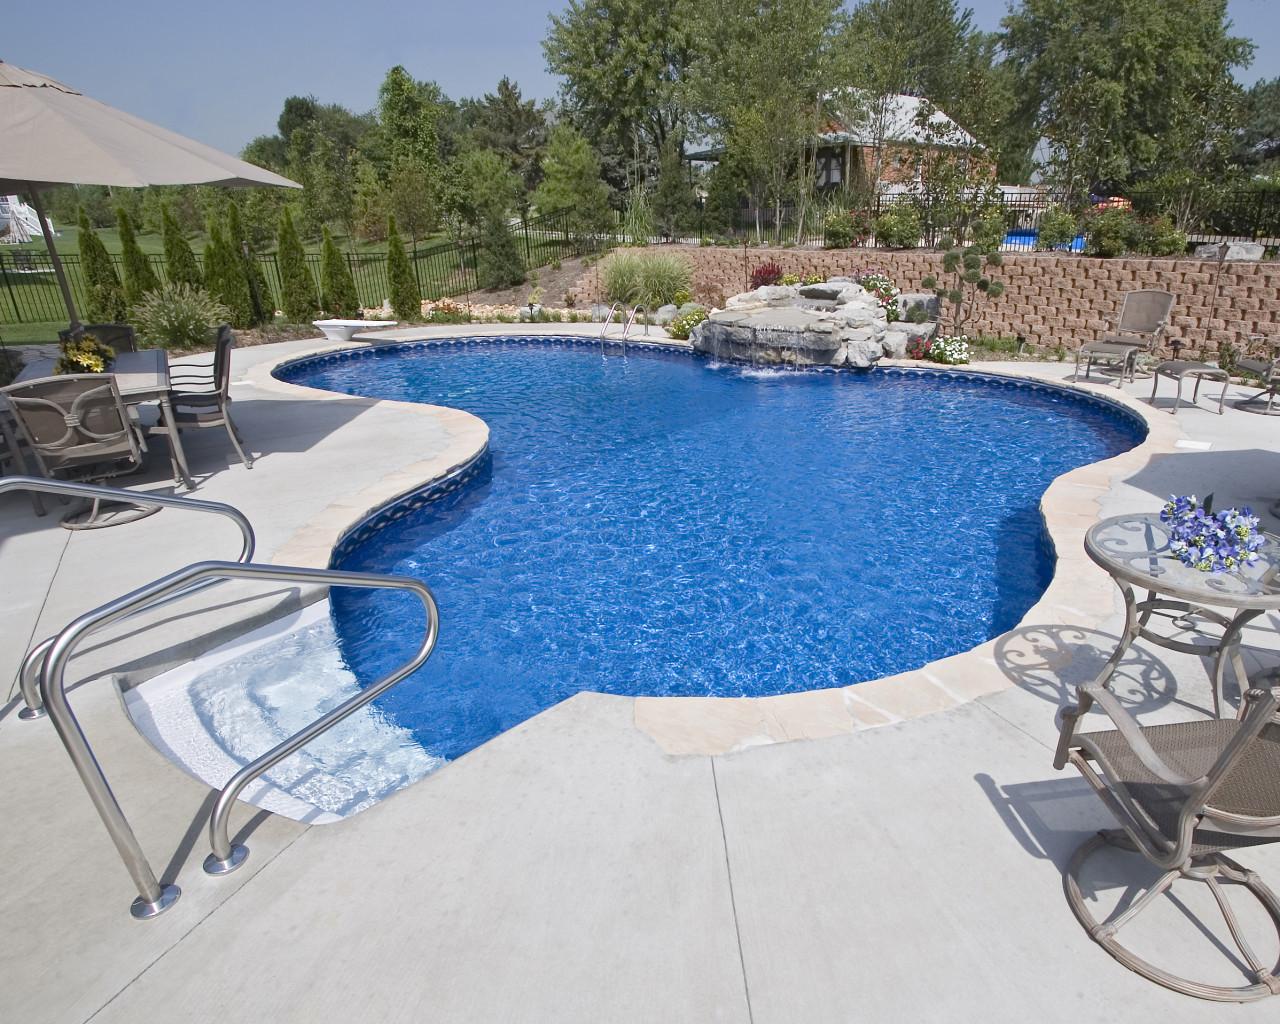 1 - Lagoon Pool